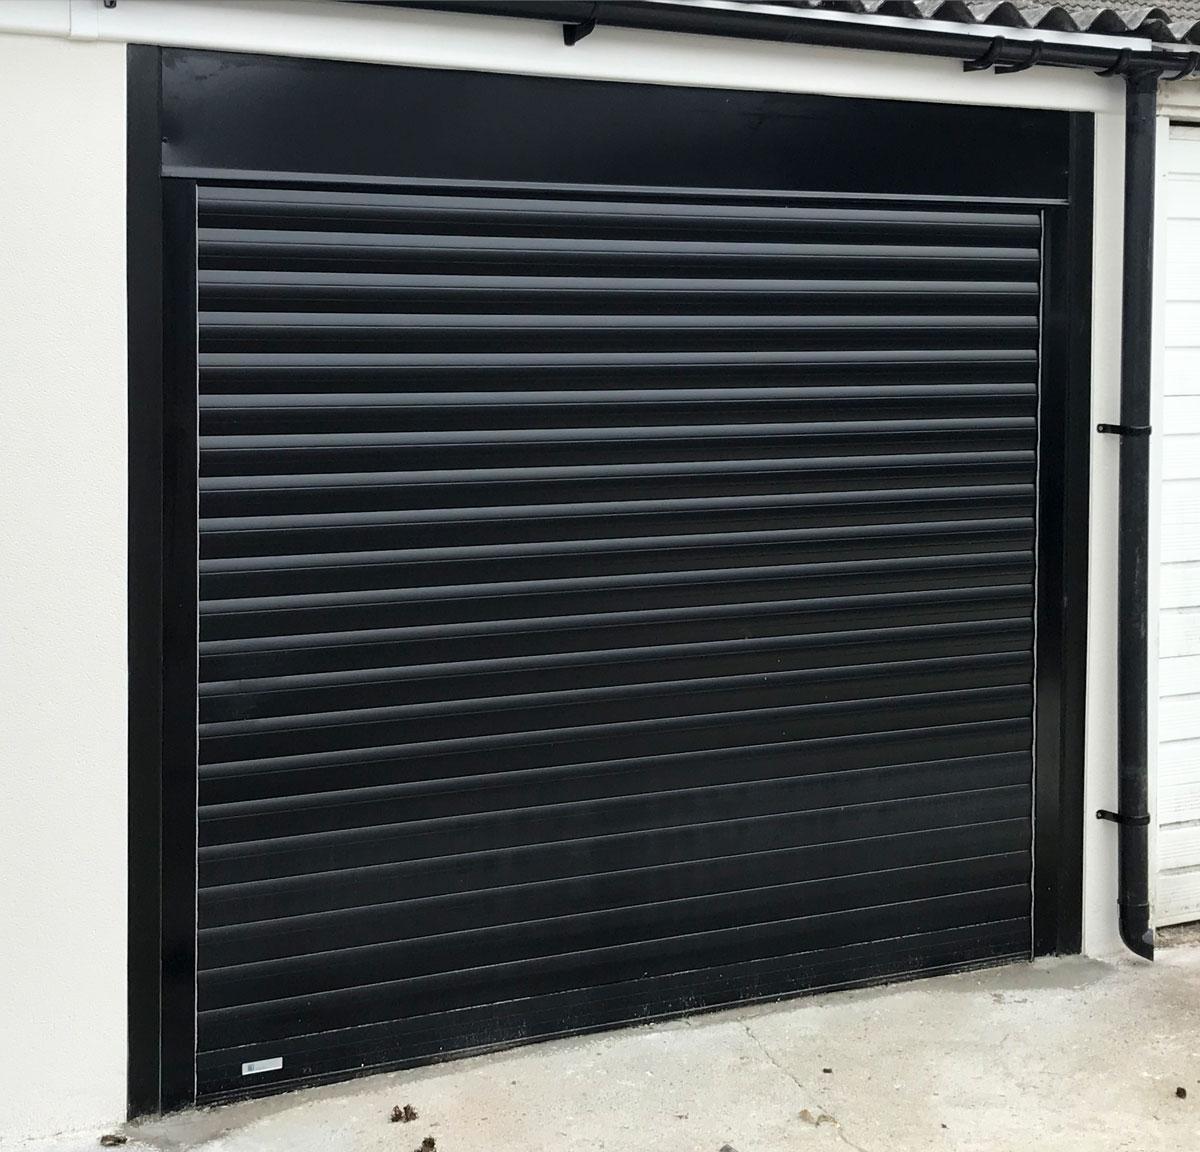 Seceuroglide Classic Roller Garage Door in black